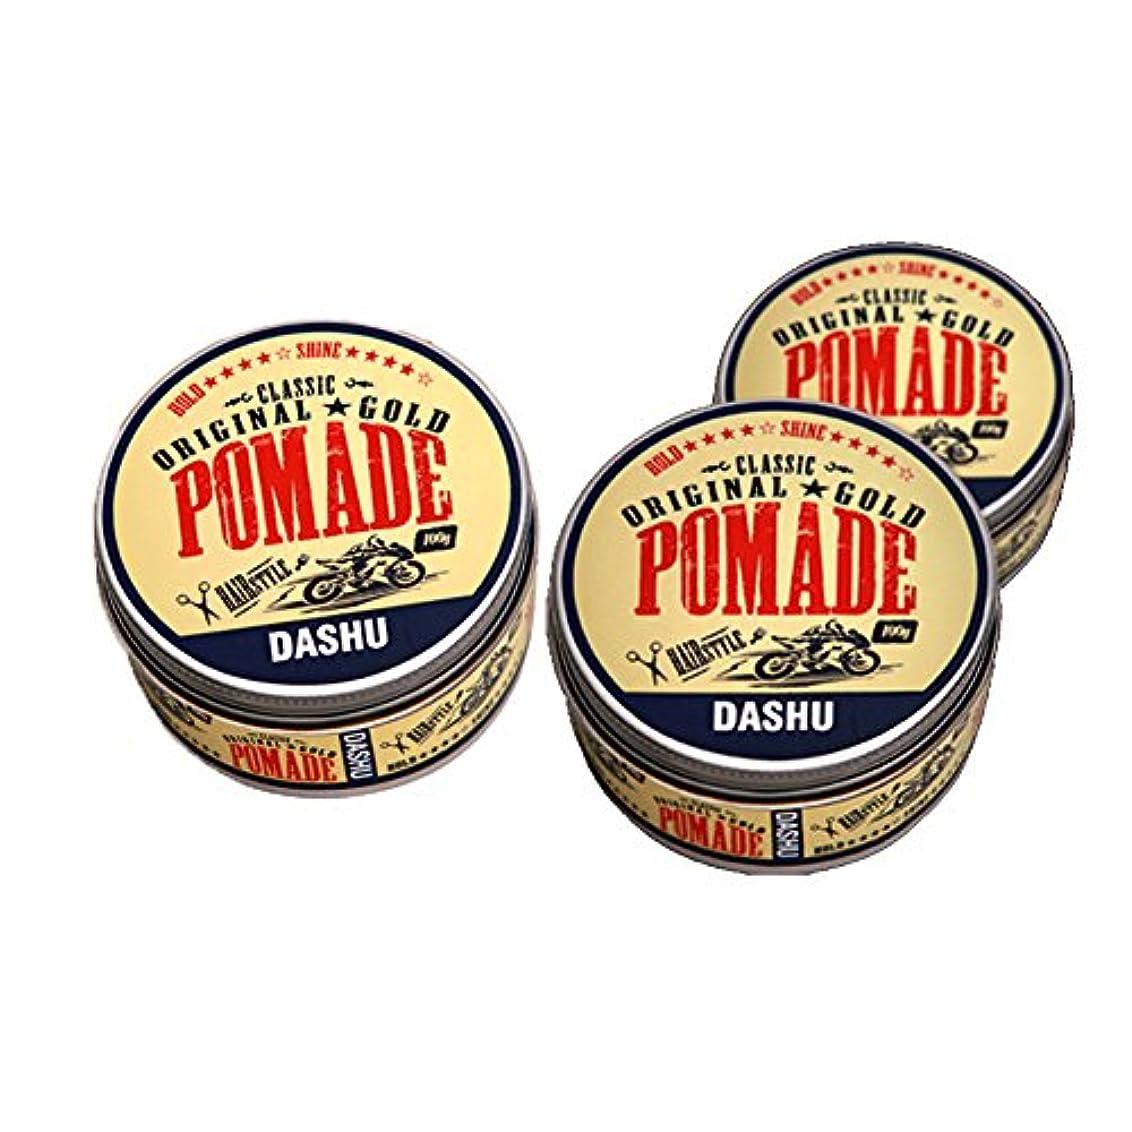 (3個セット) x [DASHU] ダシュ クラシックオリジナルゴールドポマードヘアワックス Classic Original Gold Pomade Hair Wax 100ml / 韓国製 . 韓国直送品